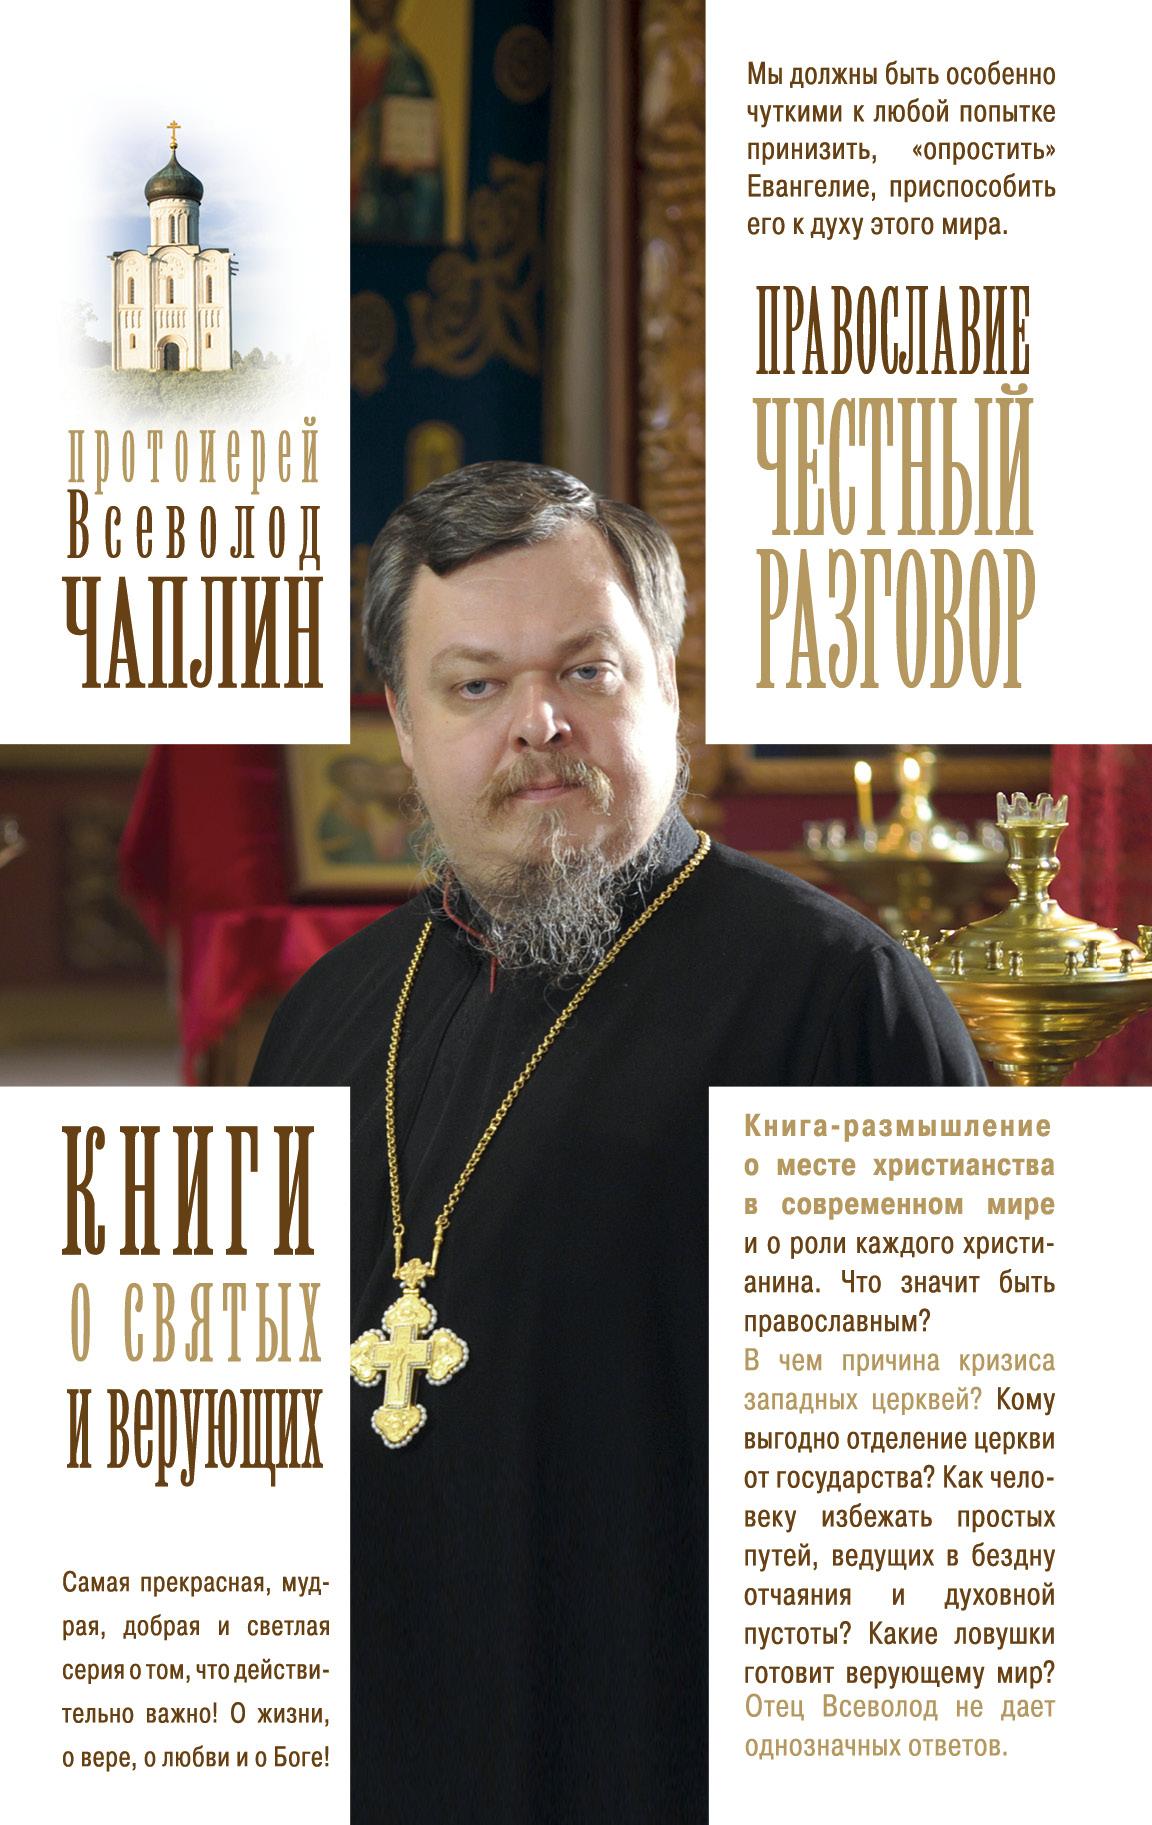 Православие. Честный разговор ( Протоиерей Всеволод Чаплин  )